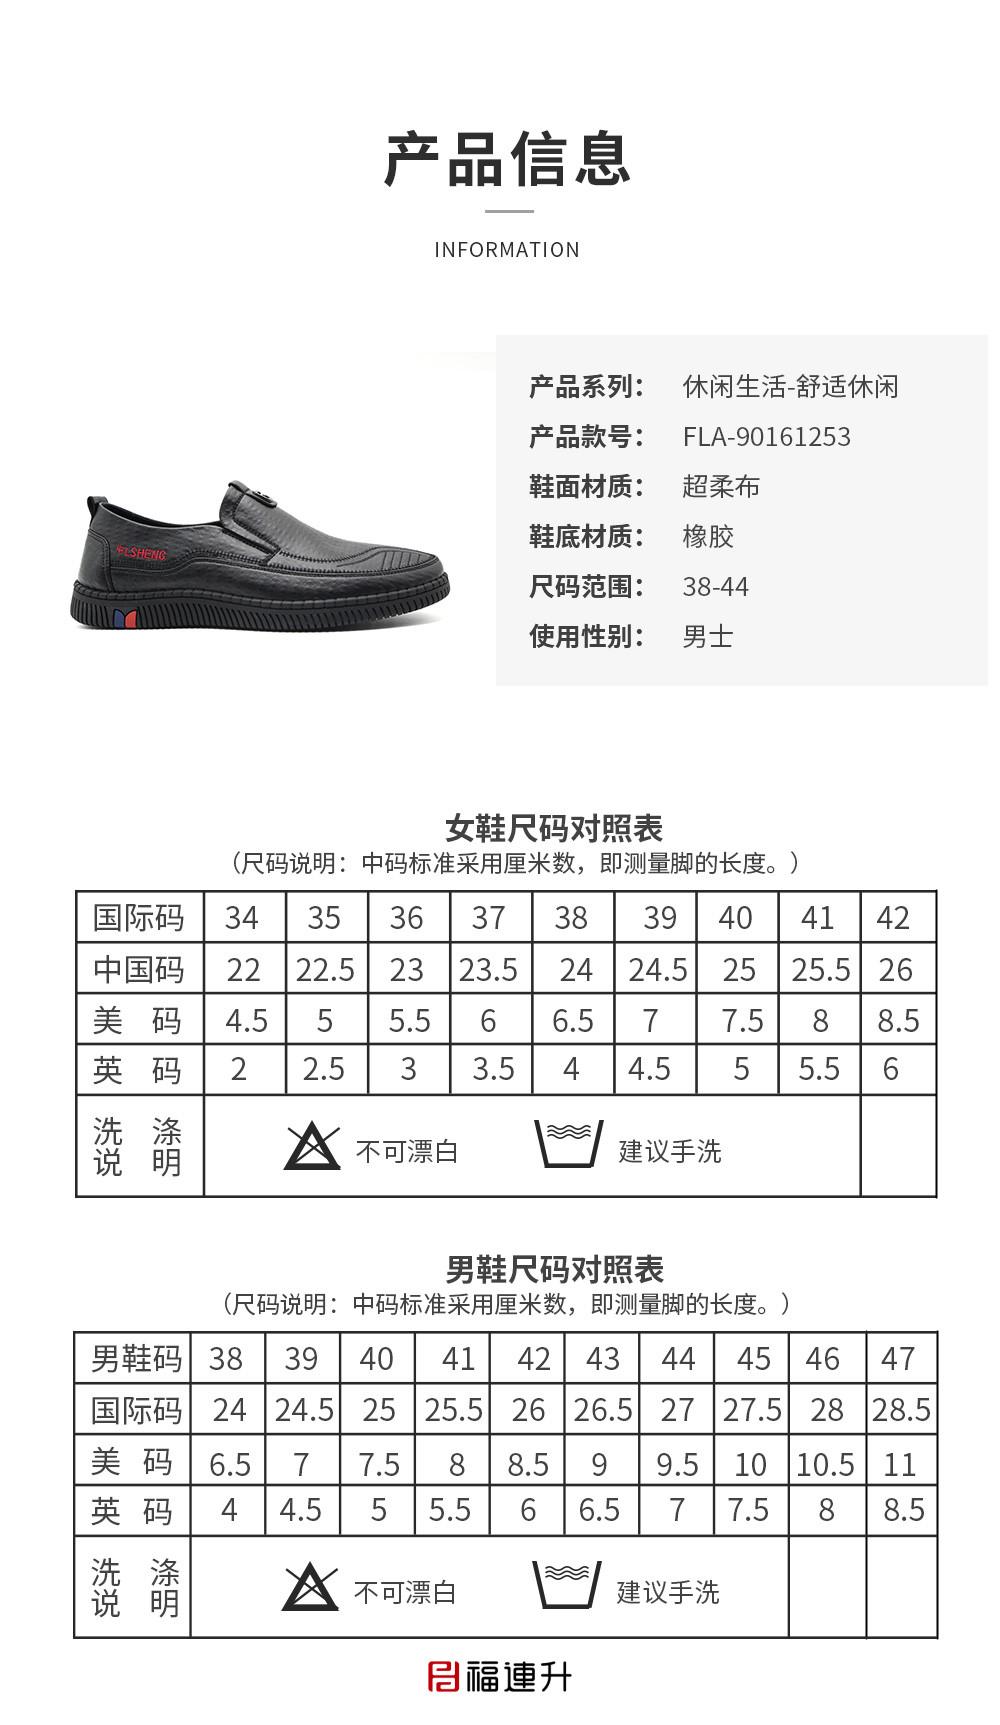 福连升老北京布鞋男士工作单鞋橡胶底一脚蹬豆豆休闲鞋图片